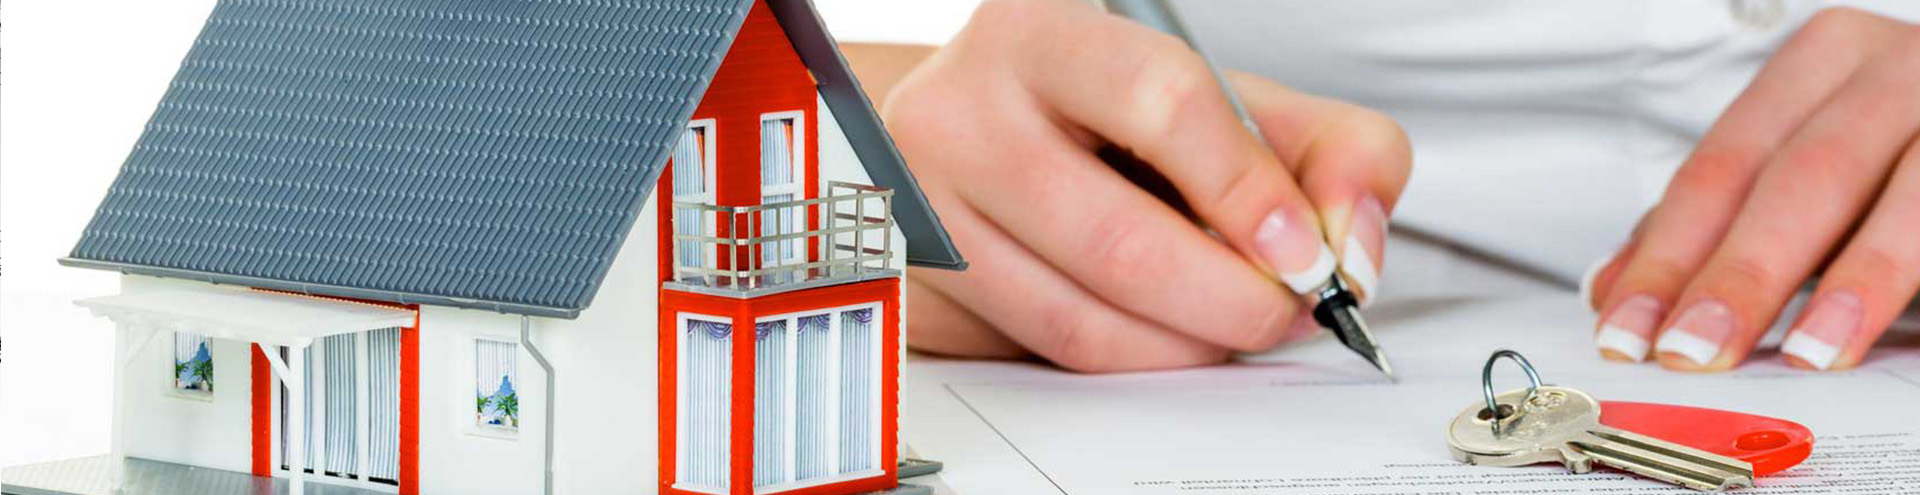 сделки с недвижимостью в Нижнем Новгороде и Нижегородской области